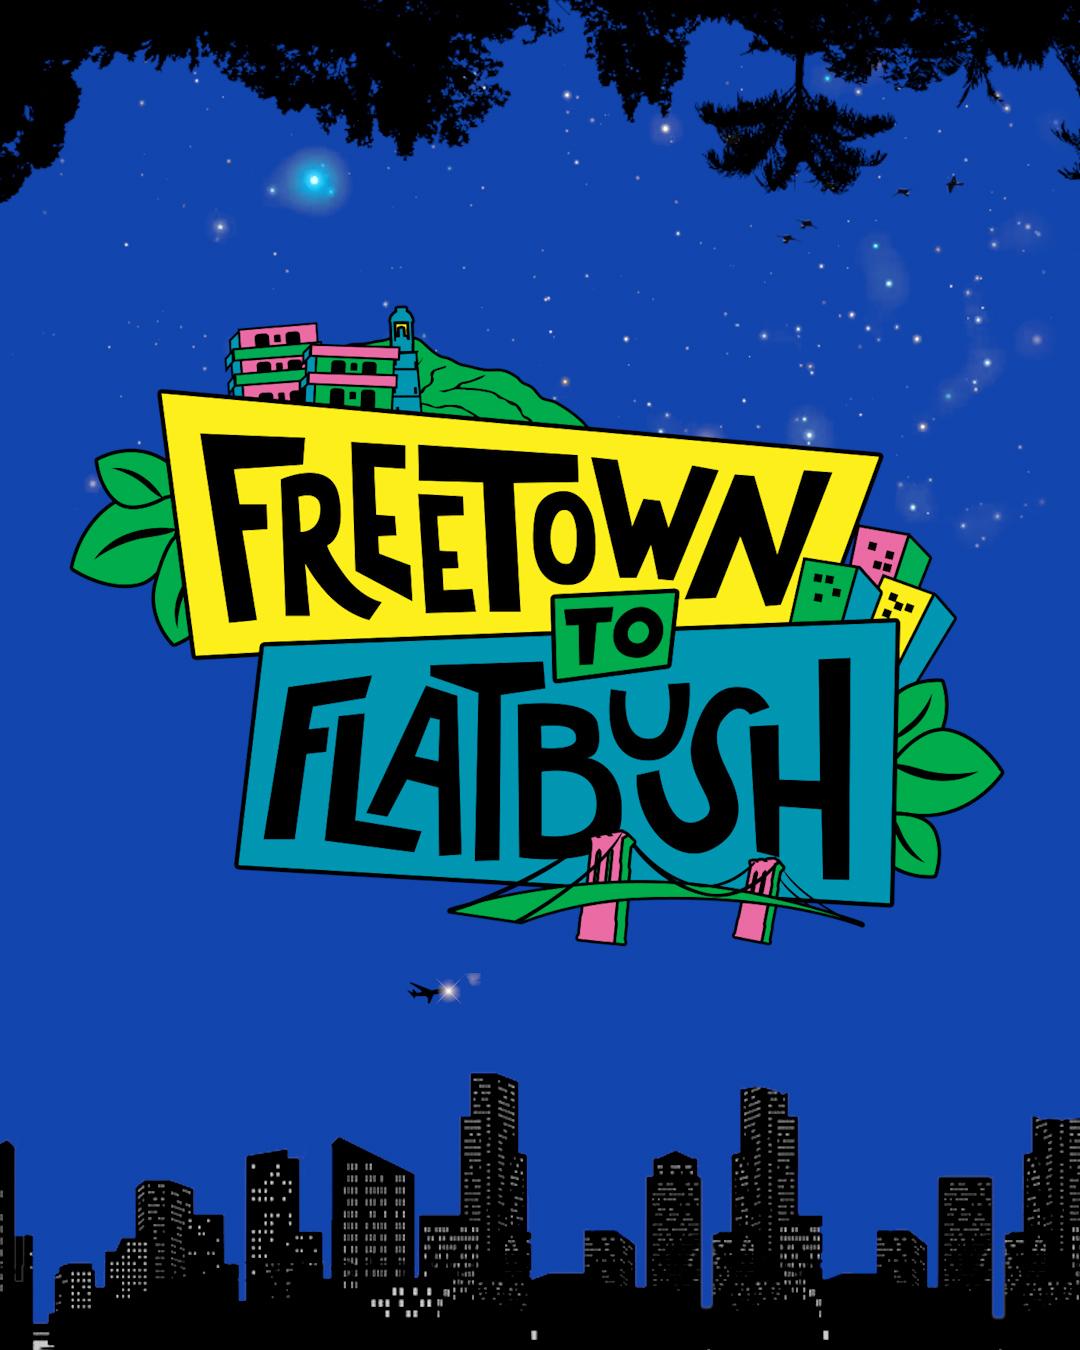 Freetown to Flatbush